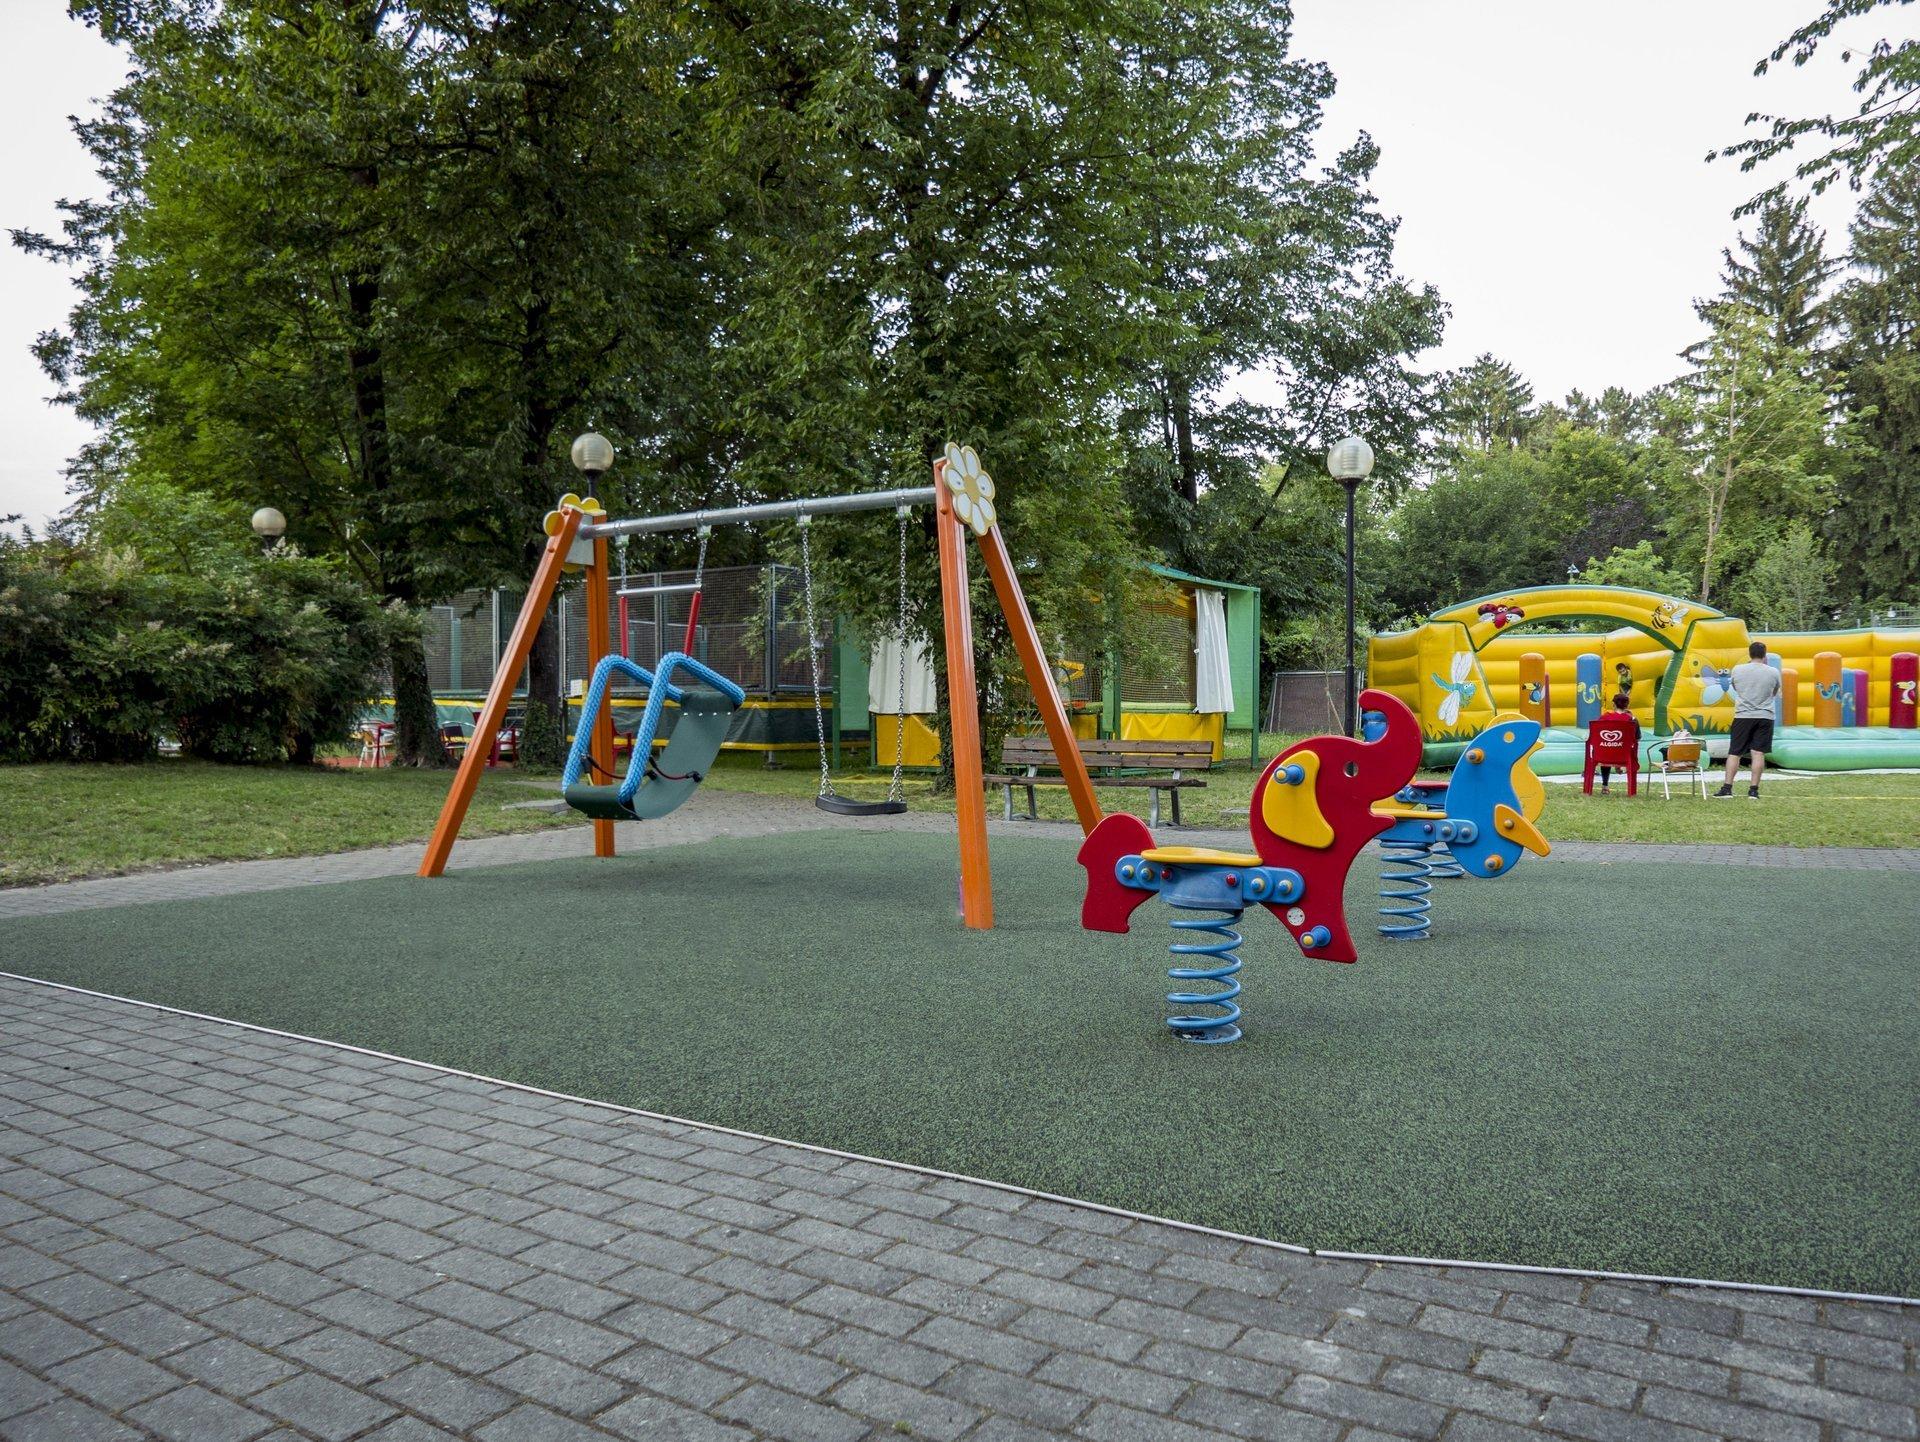 giochi per bambini in area verde